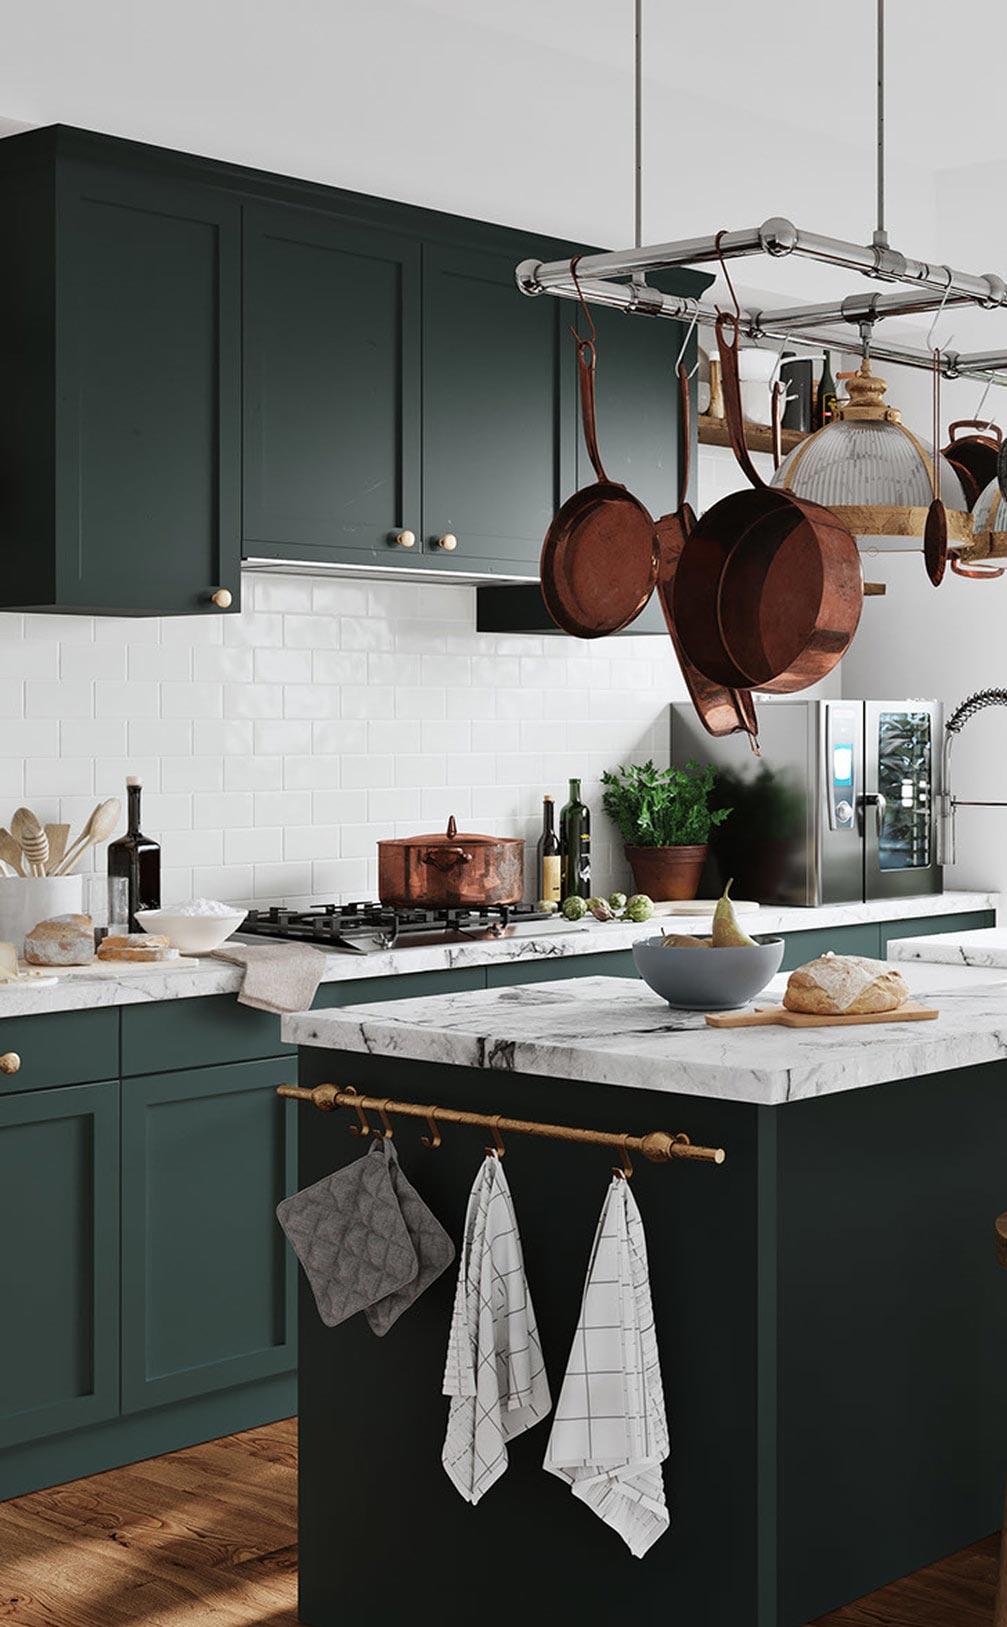 vid en köksrenovering har du möjlighet att optimera ytorna